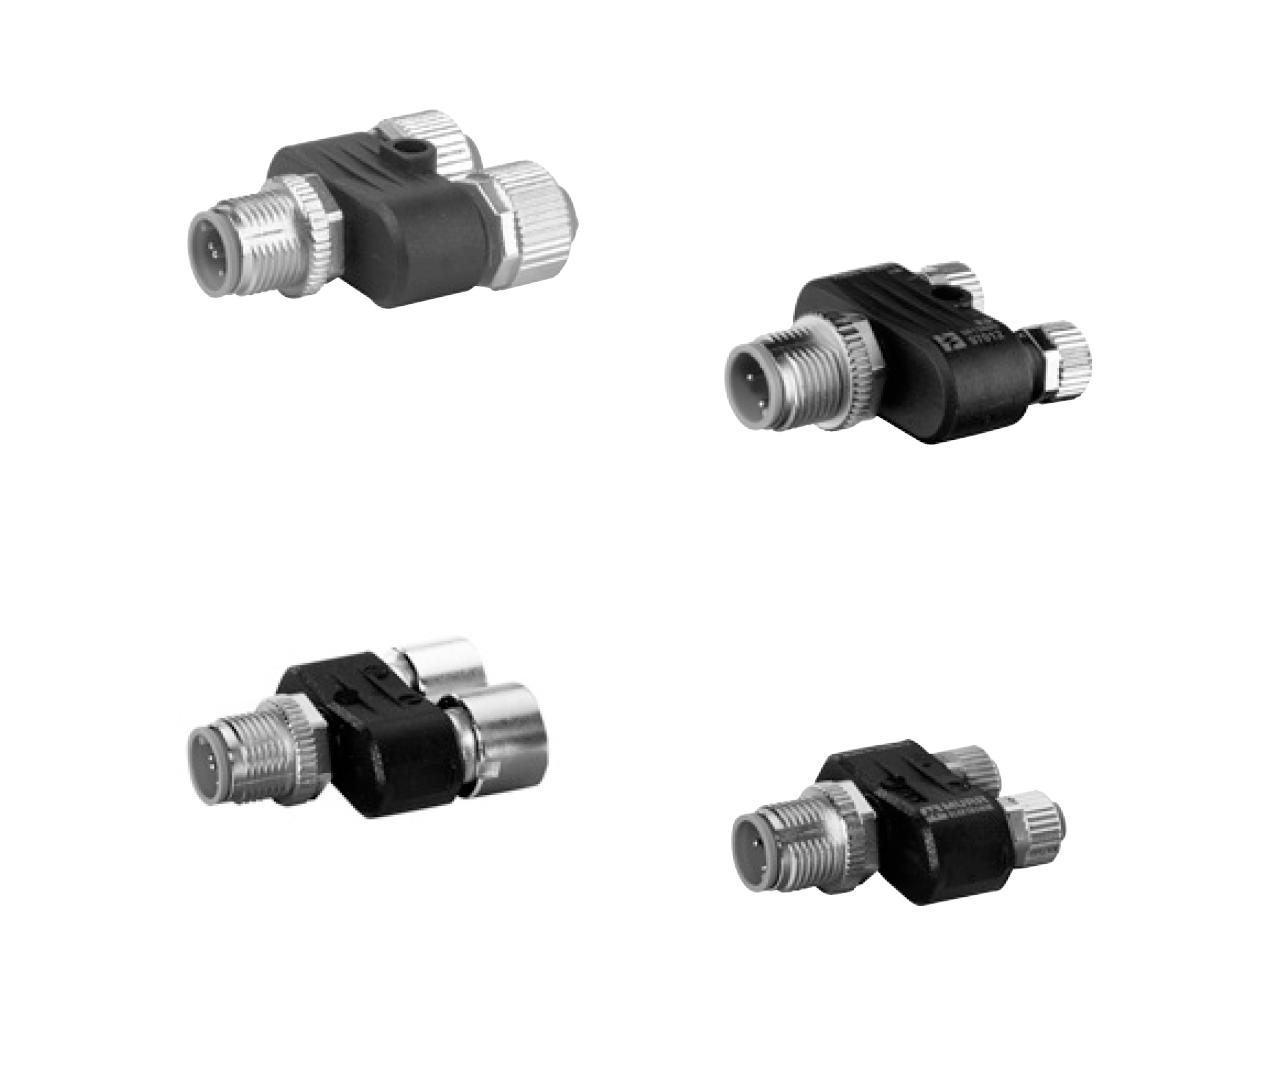 T-образные разветвители | Вилка М12/Розекти М8/М12 | Murrelektronik